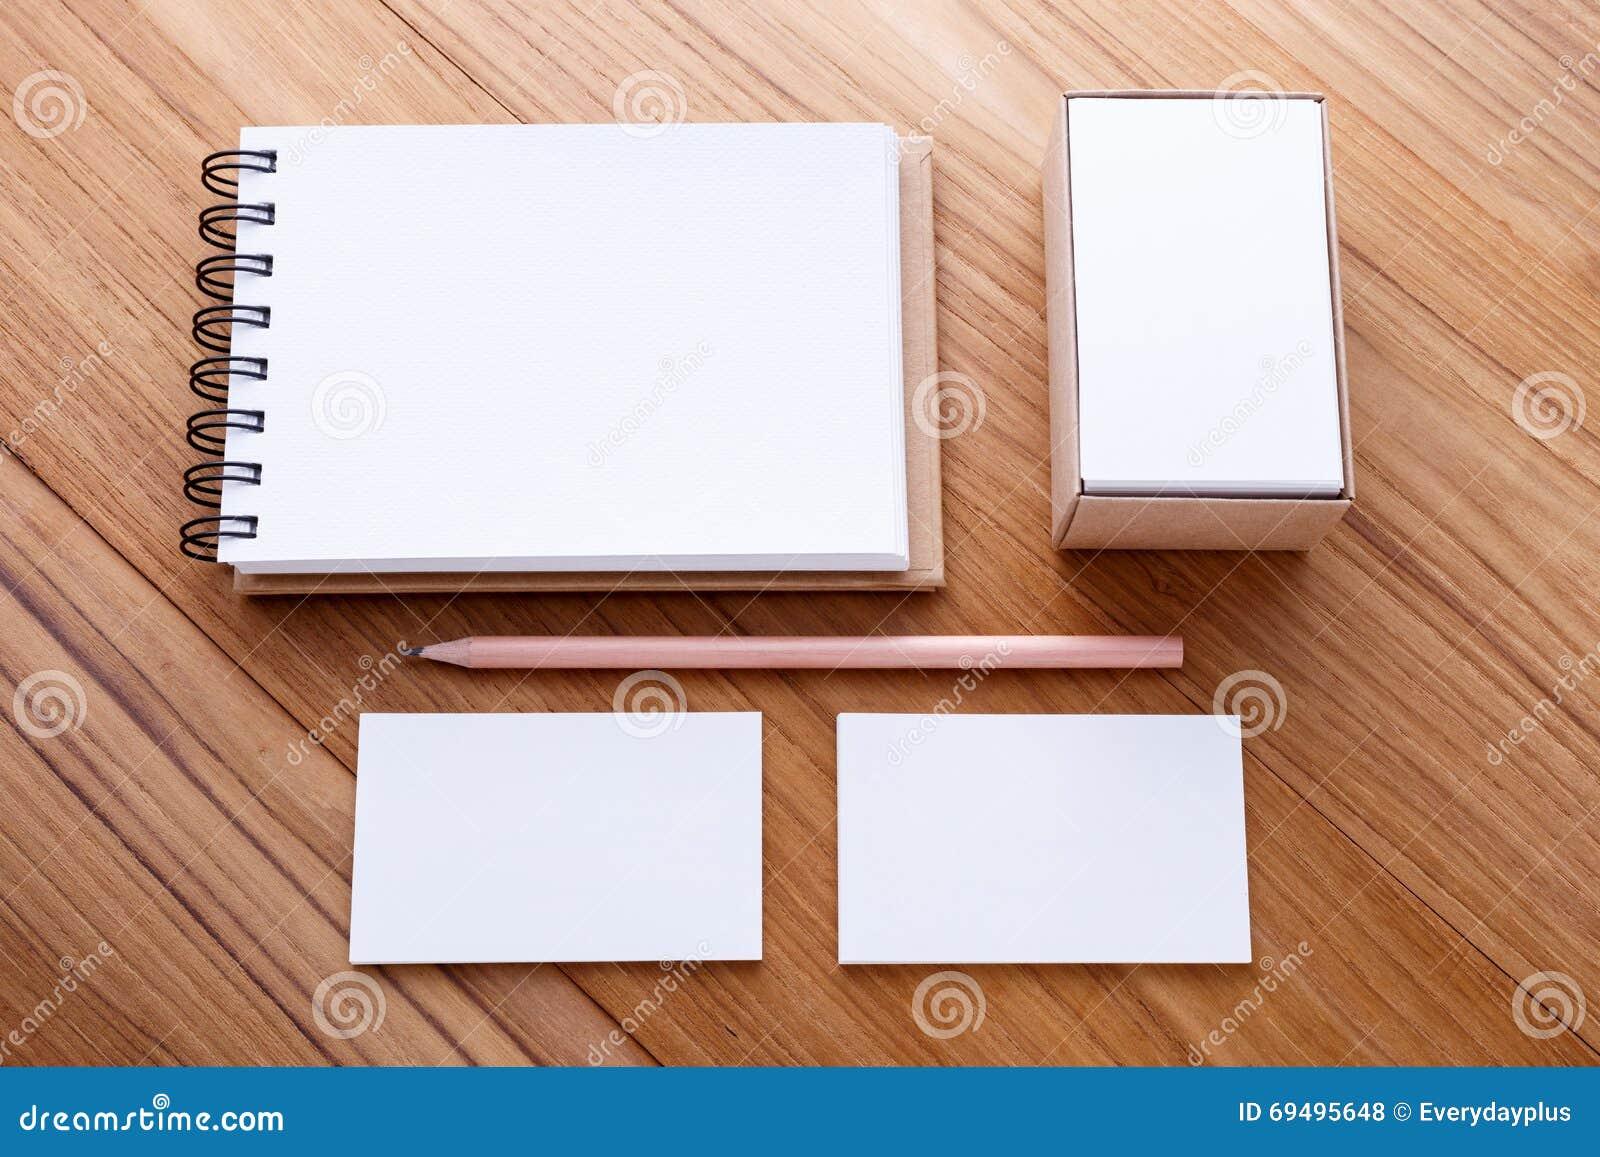 Carnet De Notes A Spirale Avec Le Crayon Et Carte Visite Professionnelle Sur La Table En Bois